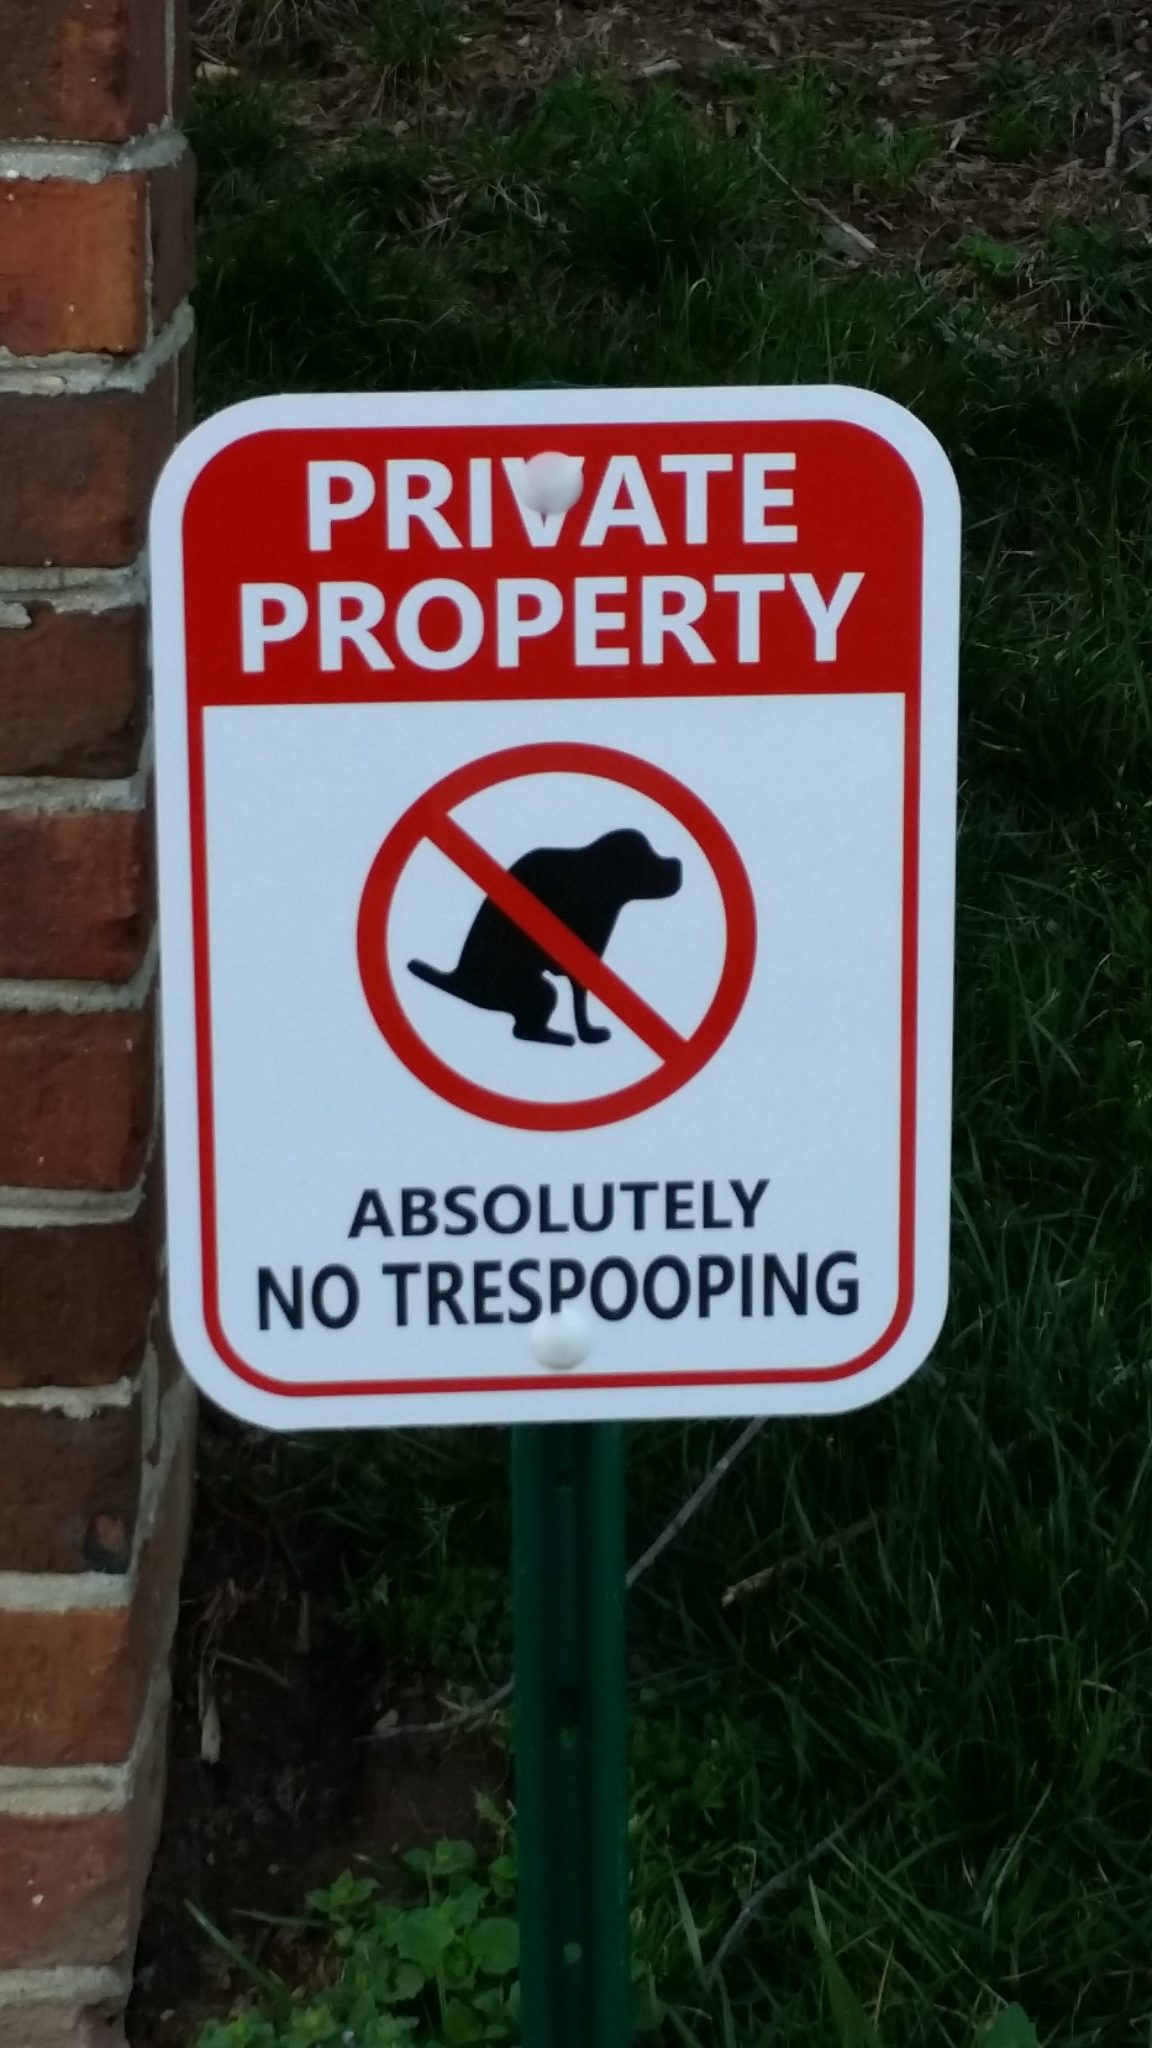 No trespooping